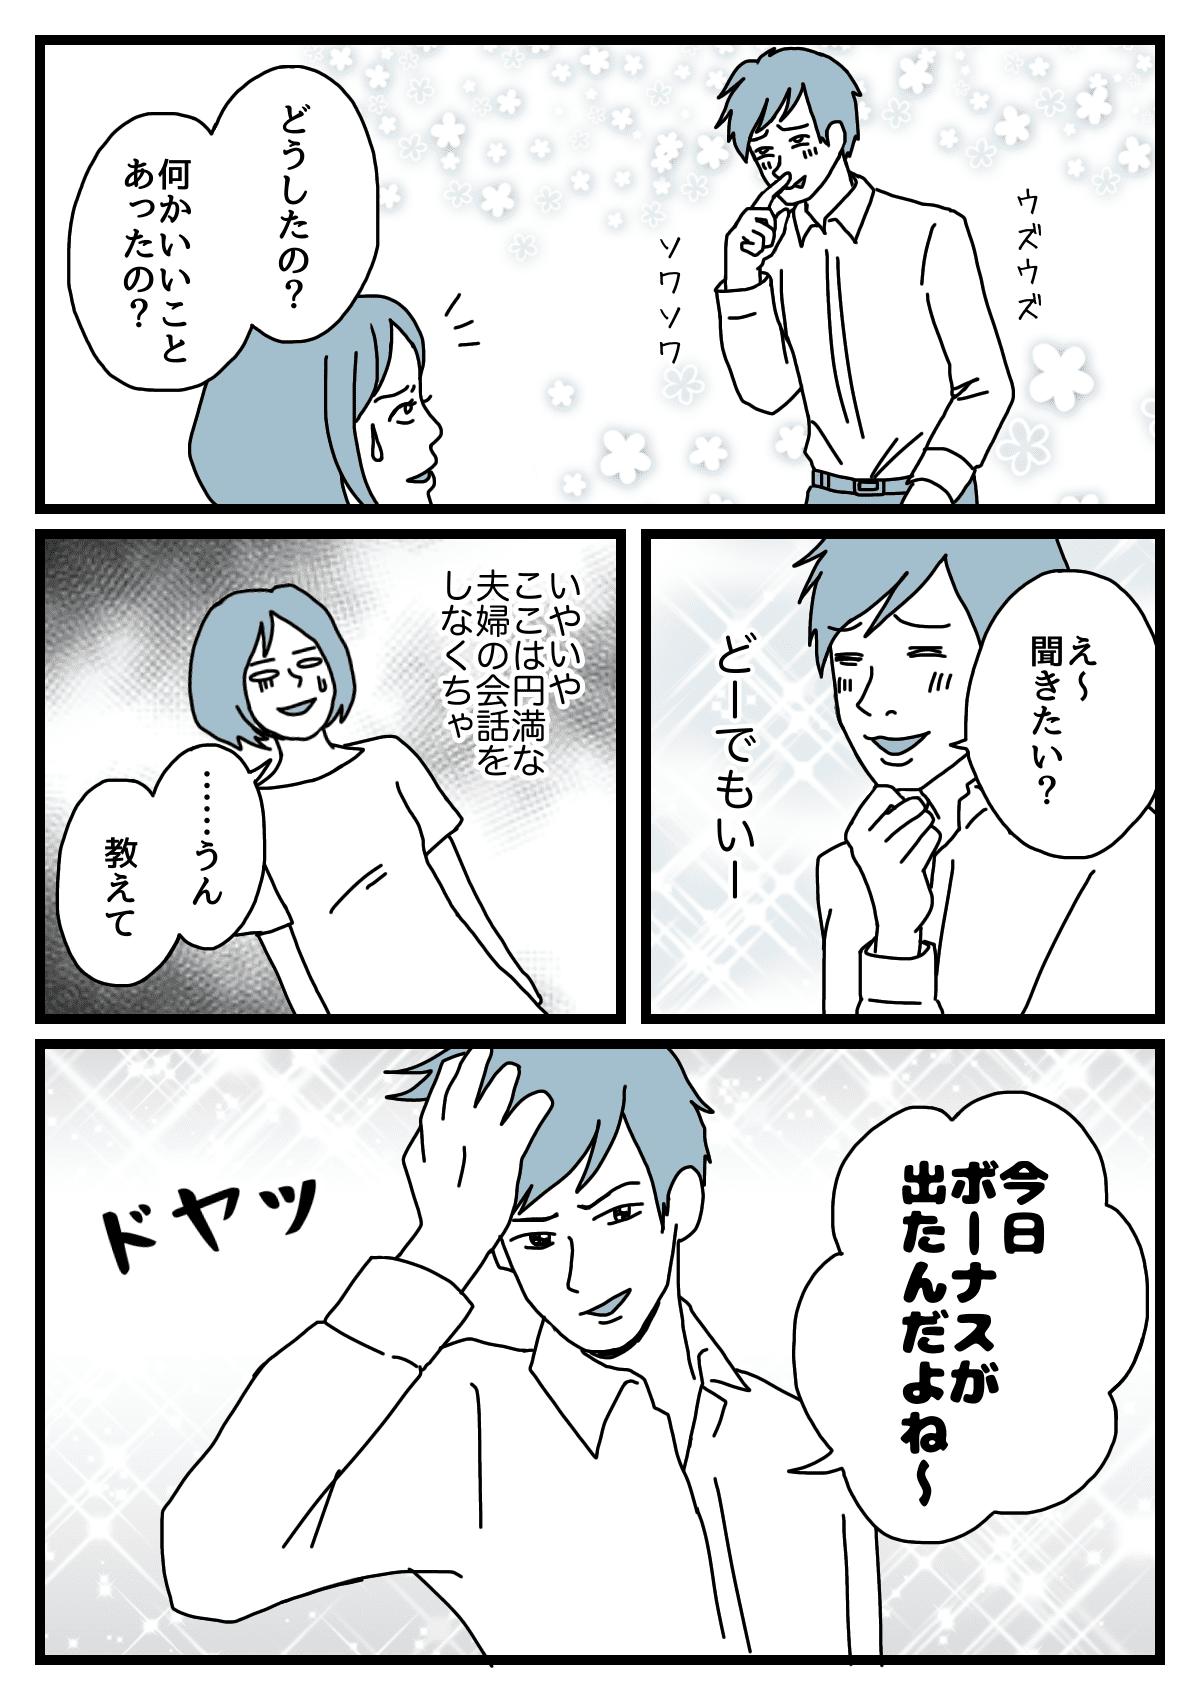 ボーナス1